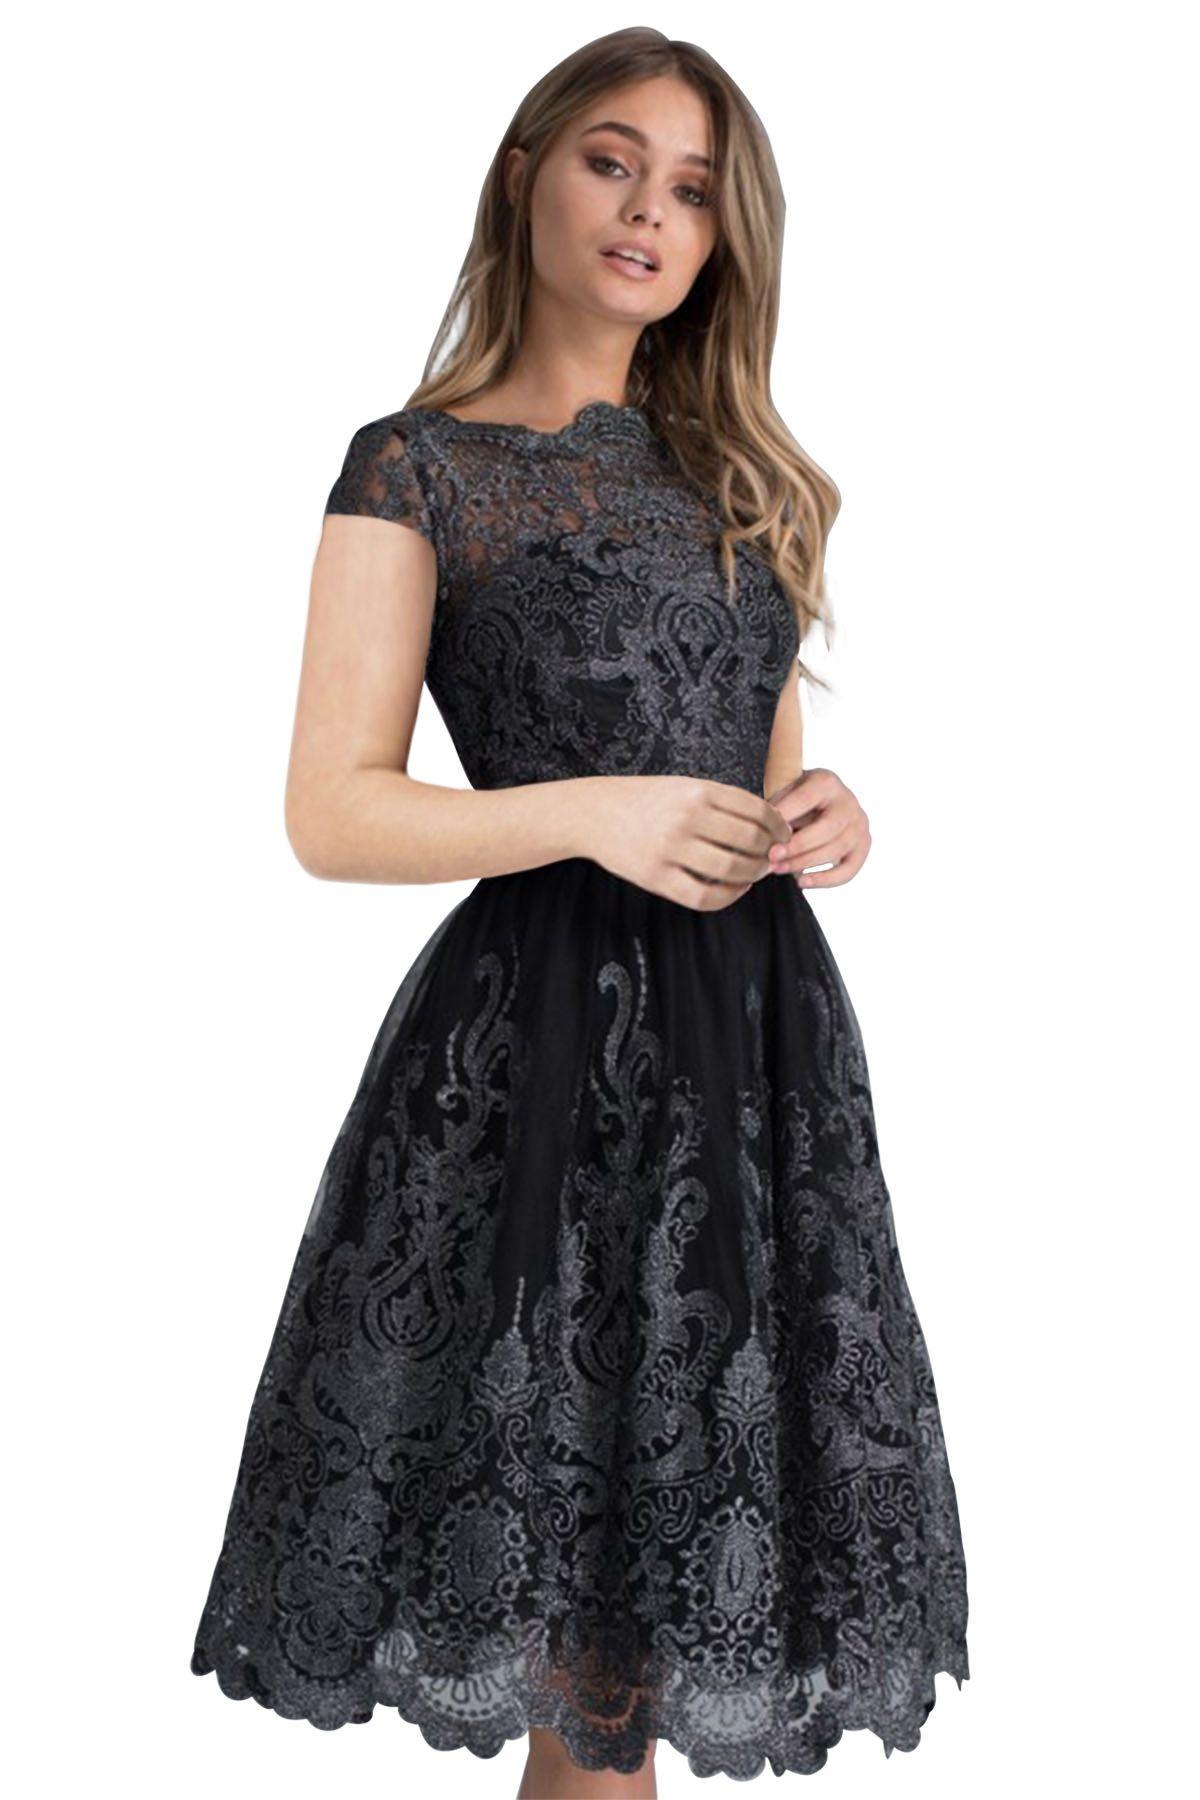 35d8ca4627 Sukienka czarna koronkowa rozkloszowana midi balowa - SUKIENKI w MOHHO.pl